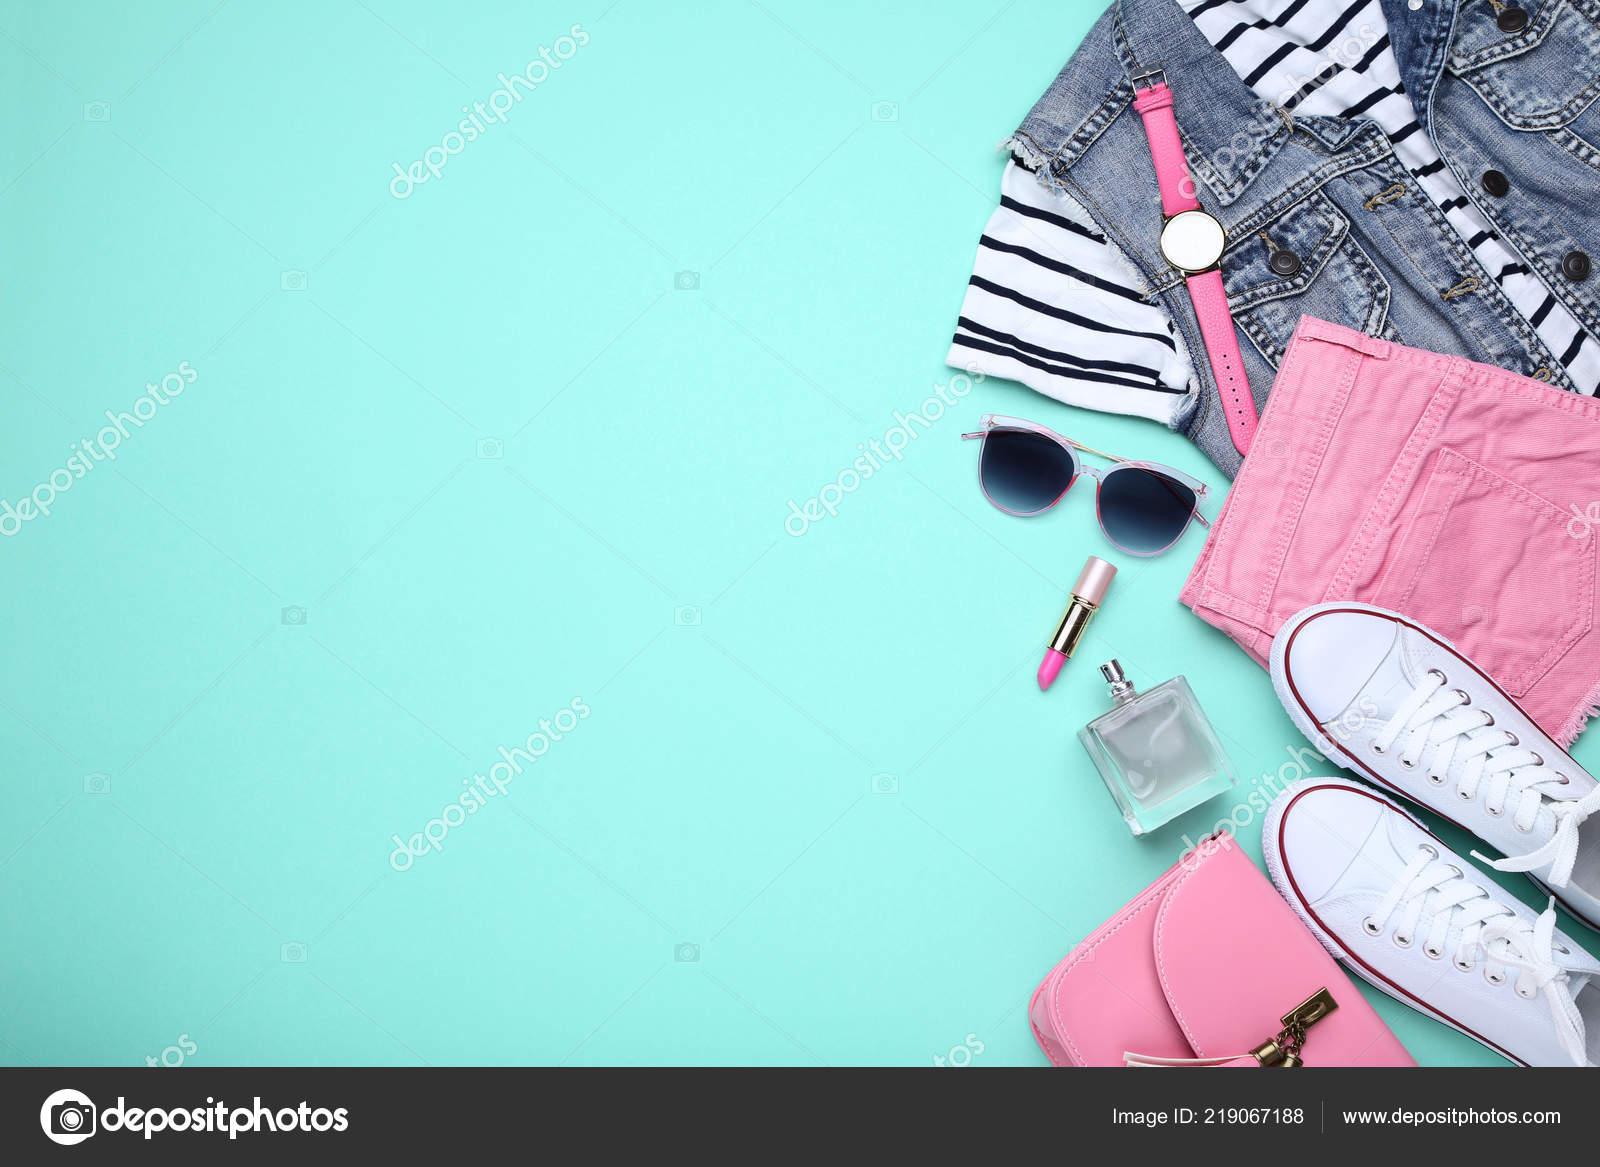 503e5ad05e3c Roupas Moda Femininas Com Acessórios Frasco Perfume Fundo Hortelã —  Fotografia de Stock